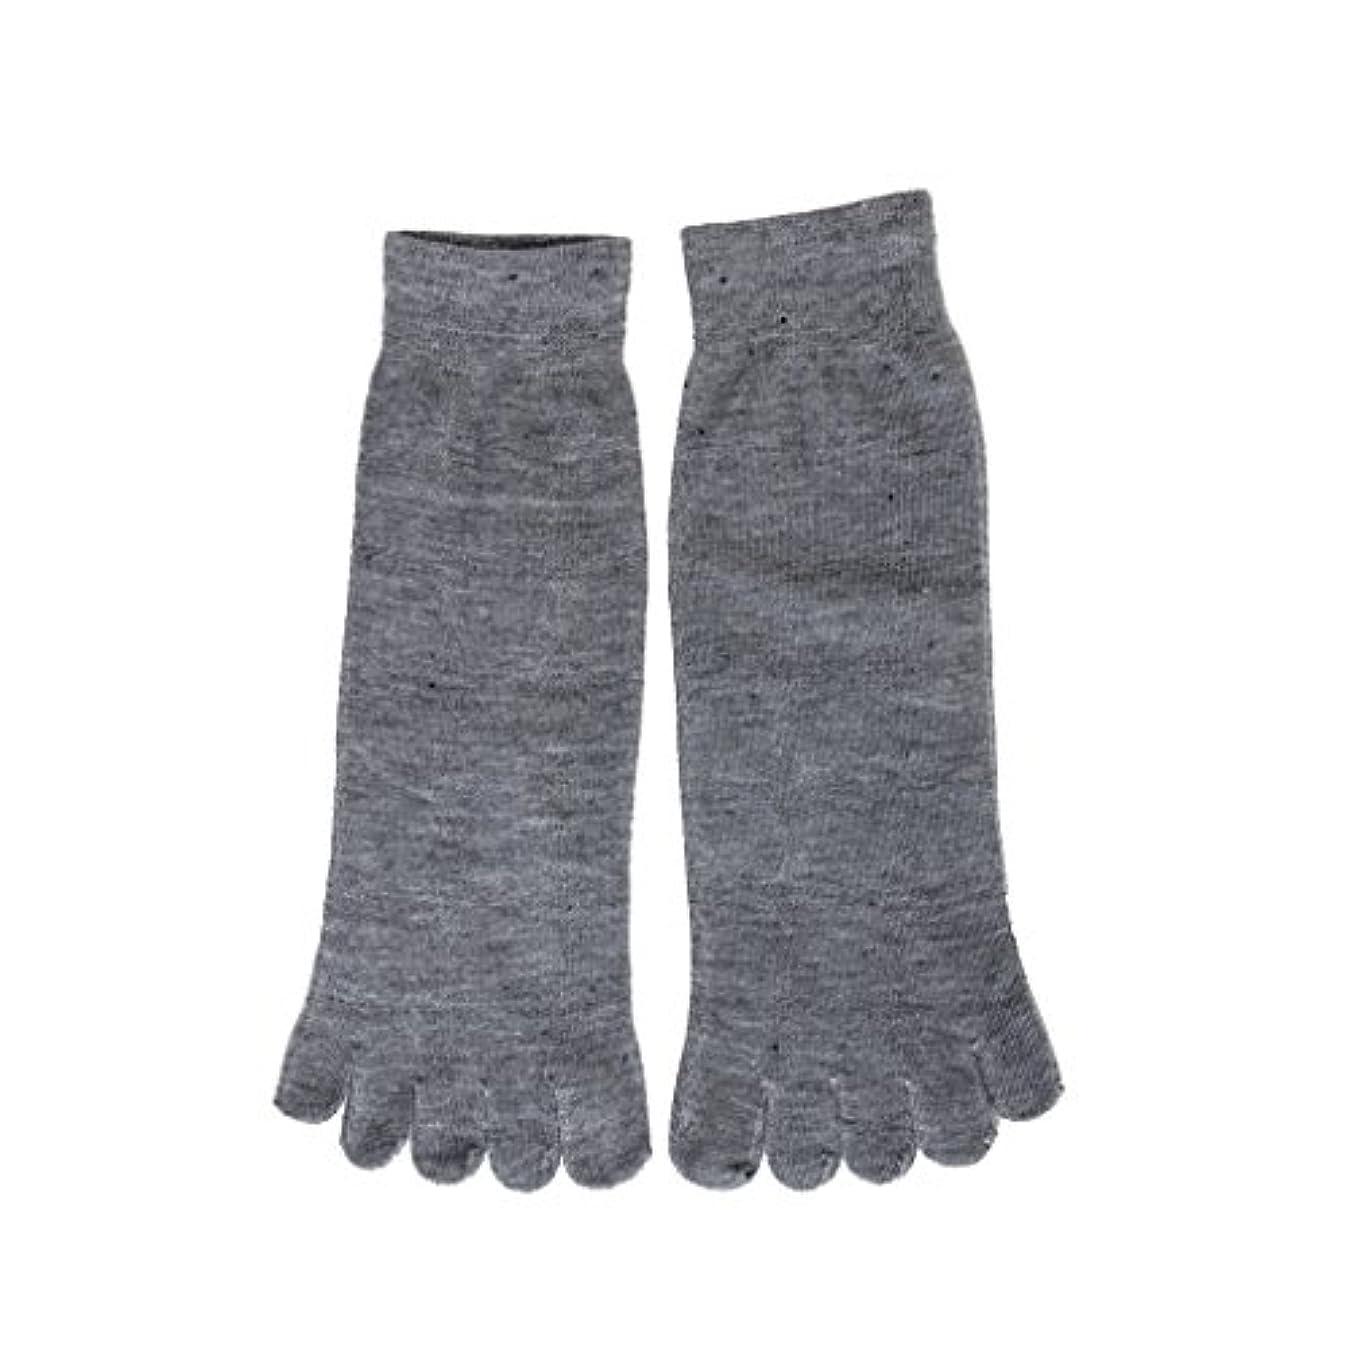 スケルトン虎旅行代理店【Footful】ソックス 靴下 くつ下 五本指ソックス サポートソックス 全4色 (ライトグレー)